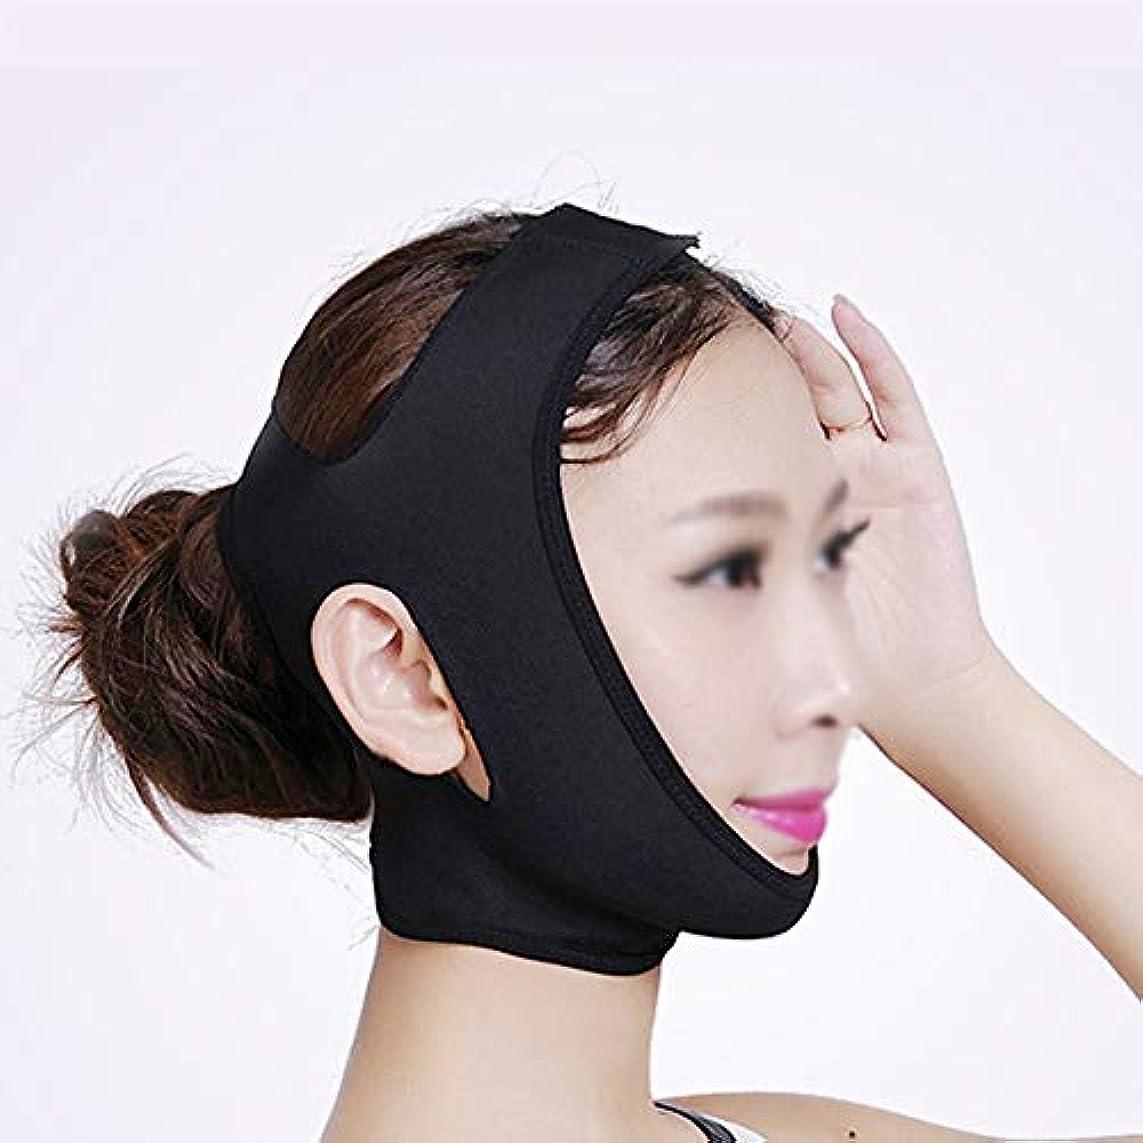 組み込む女将投獄XHLMRMJ 減量の包帯、顔の持ち上がる包帯、二重あごを減らすために持ち上がるベルトを取除く顔の減量のマスクの持ち上がる表面、フェイスマスク、二重あご (Color : Black, Size : XL)